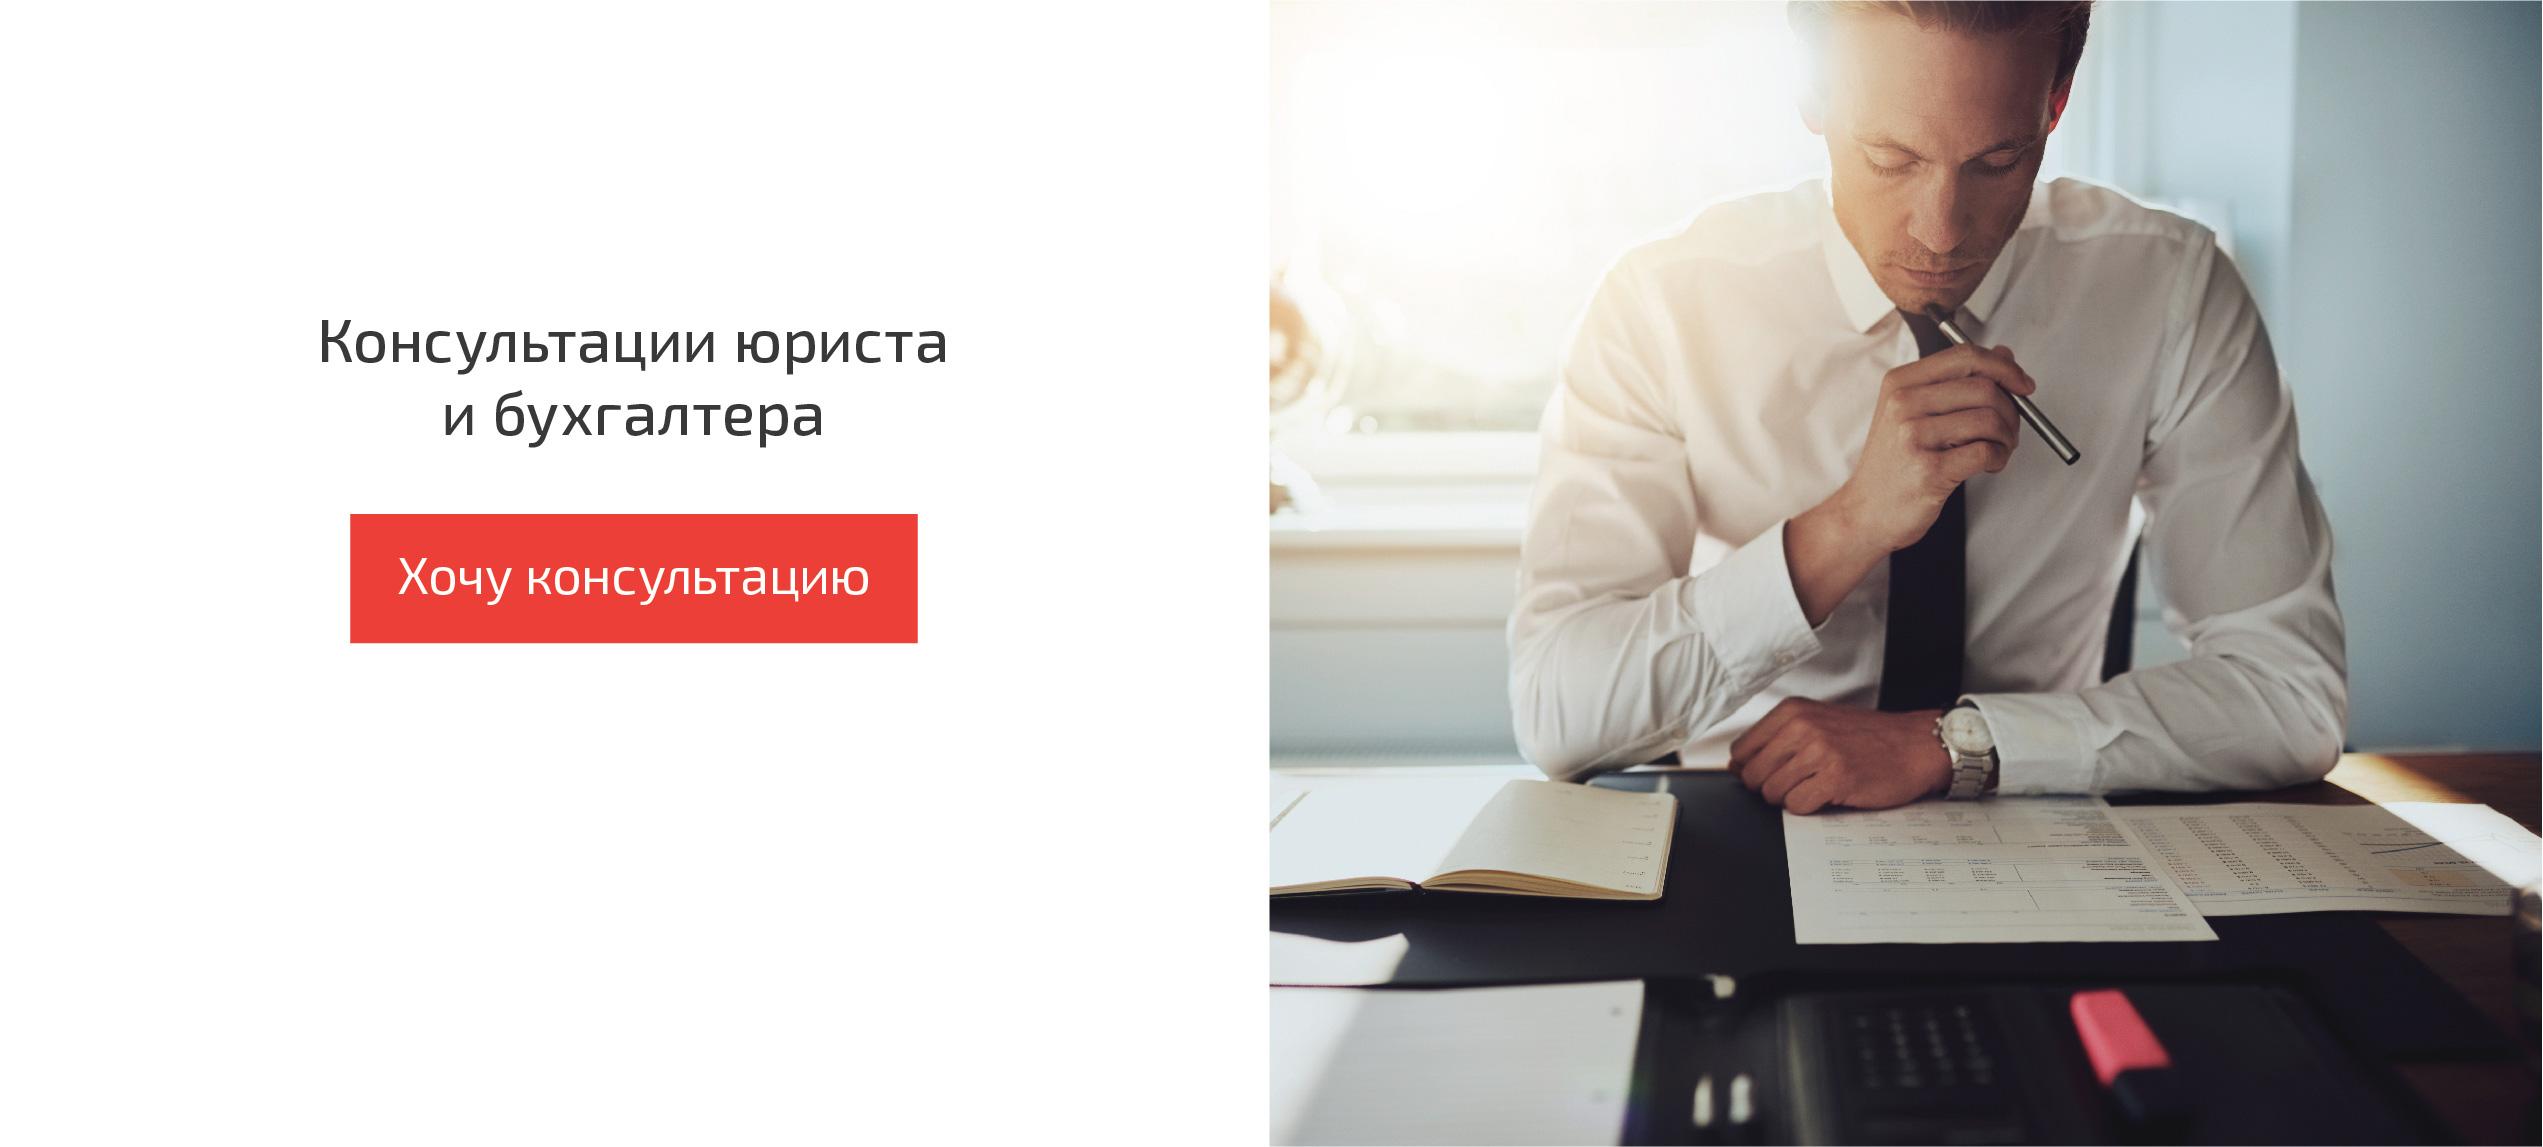 Консультации юриста и бухгалтера в Тольятти